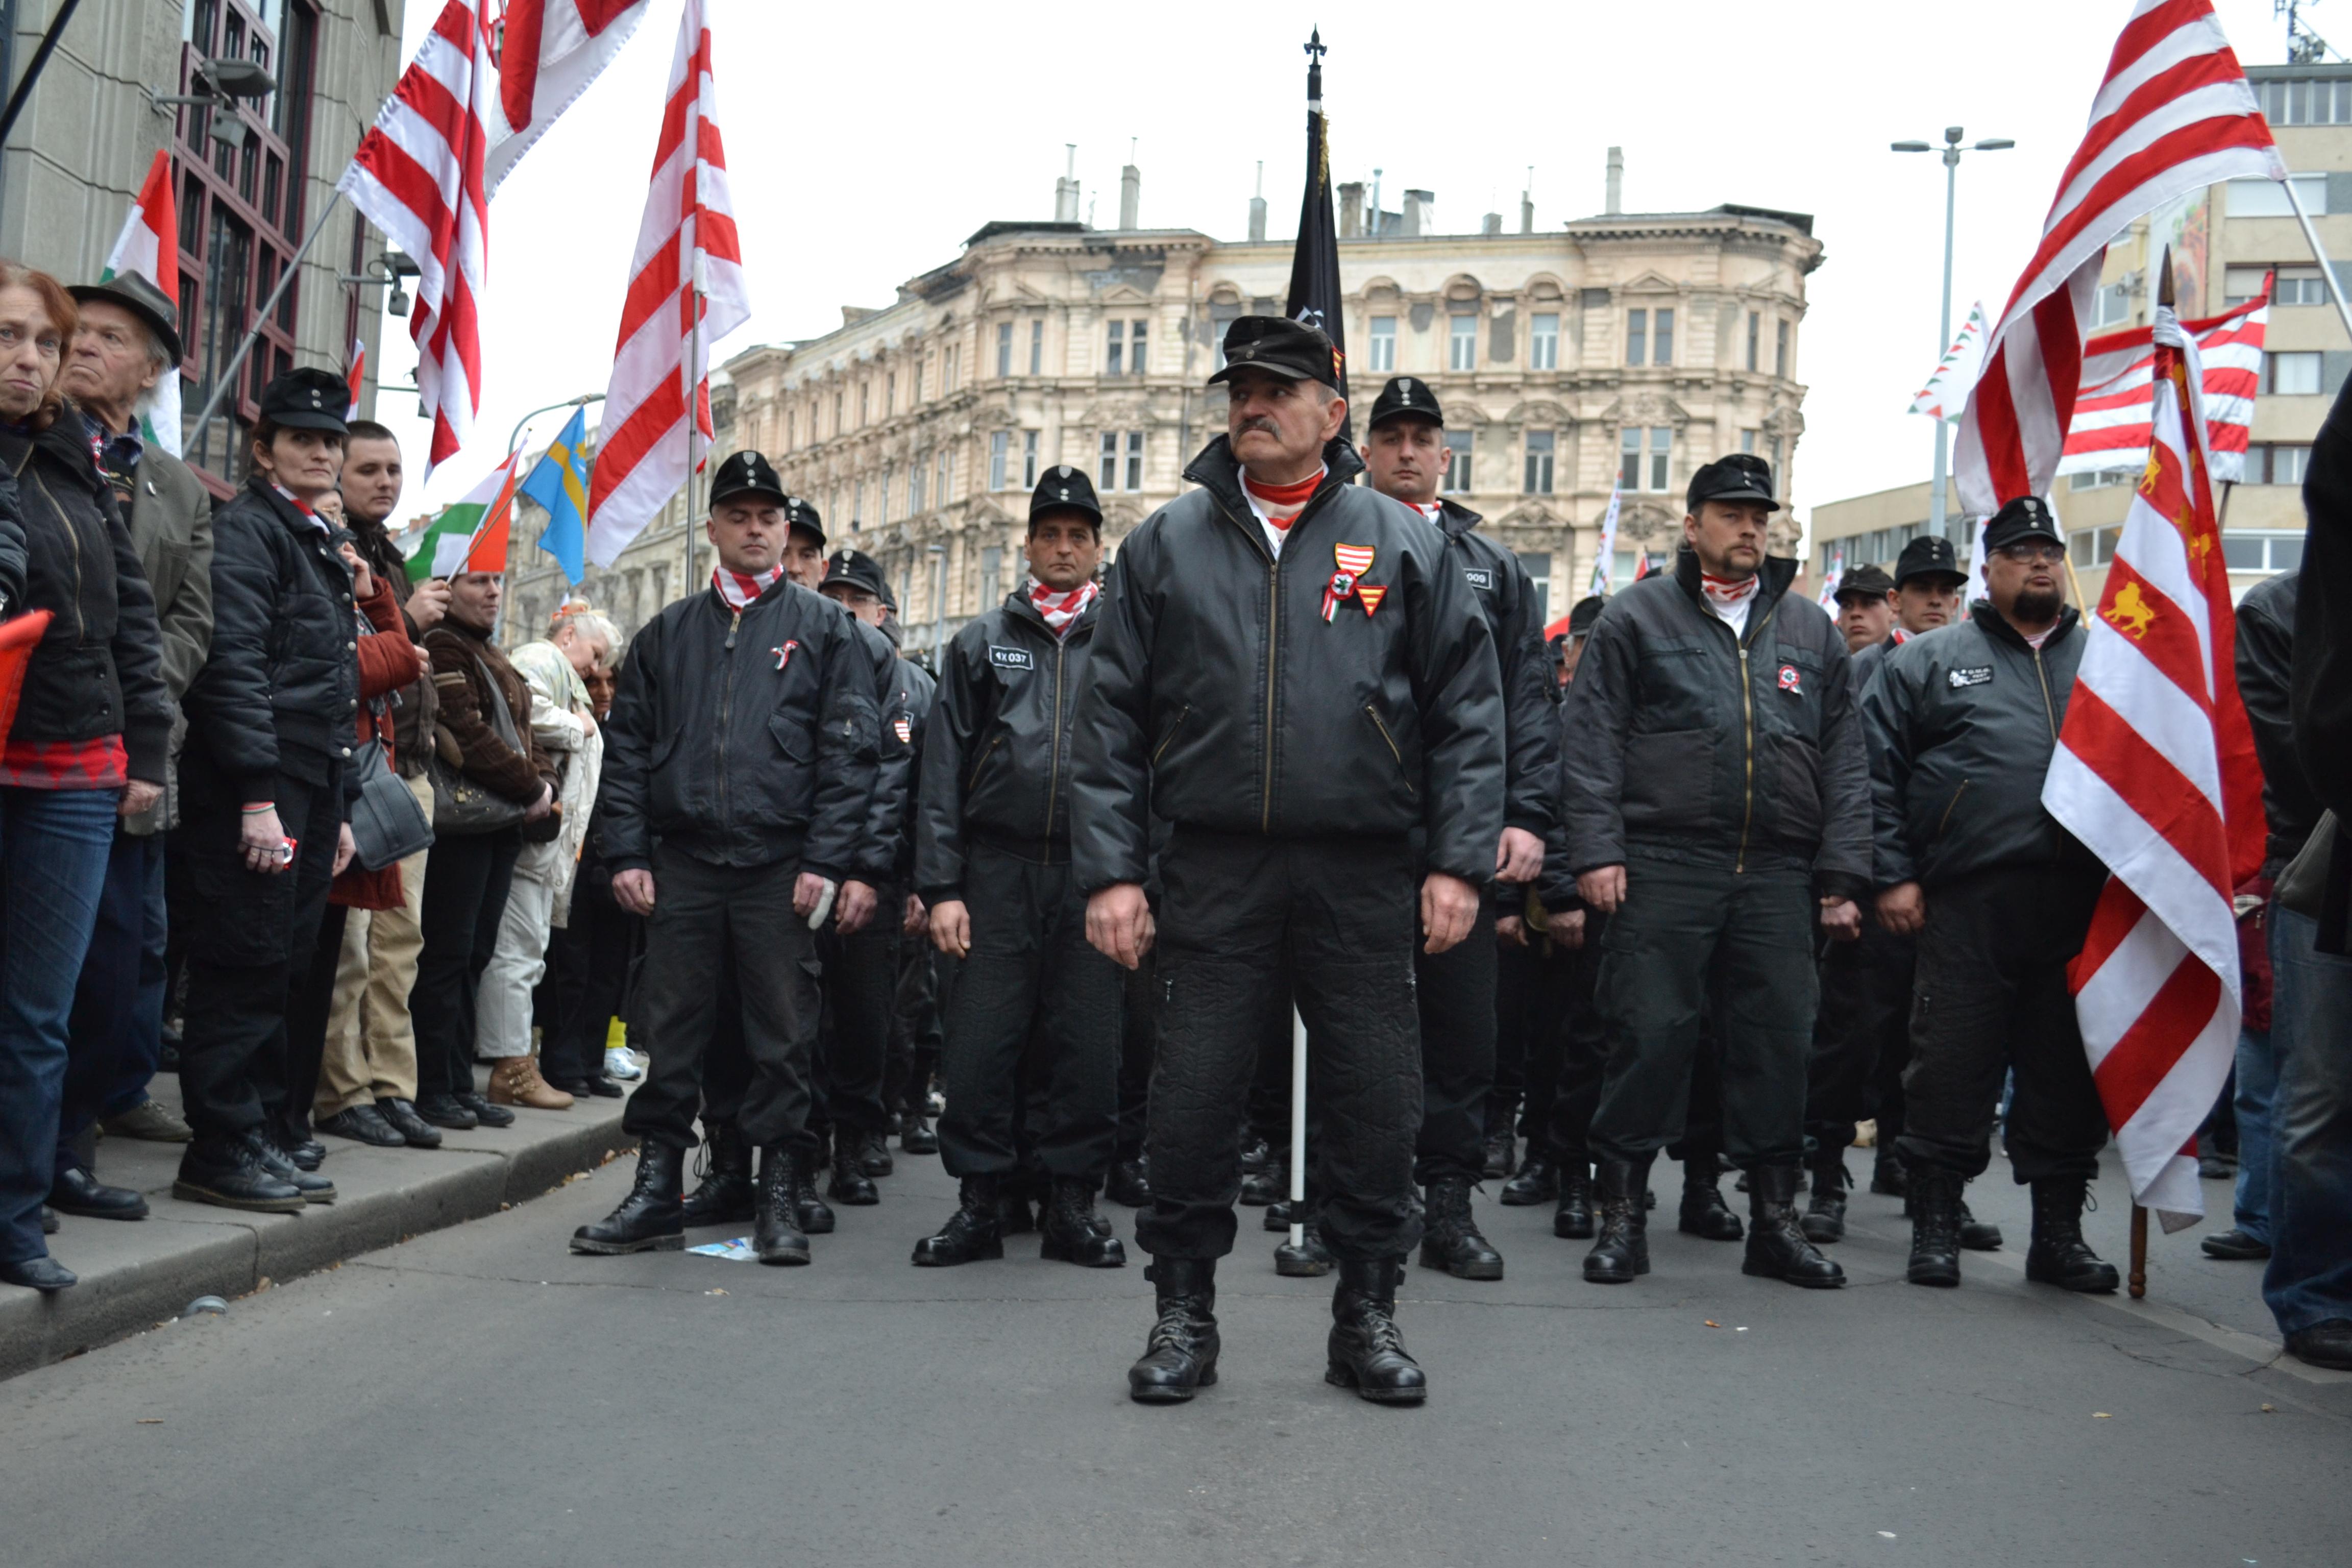 СРОЧНО! Венгрия объединяется с Россией. Будут нас давить